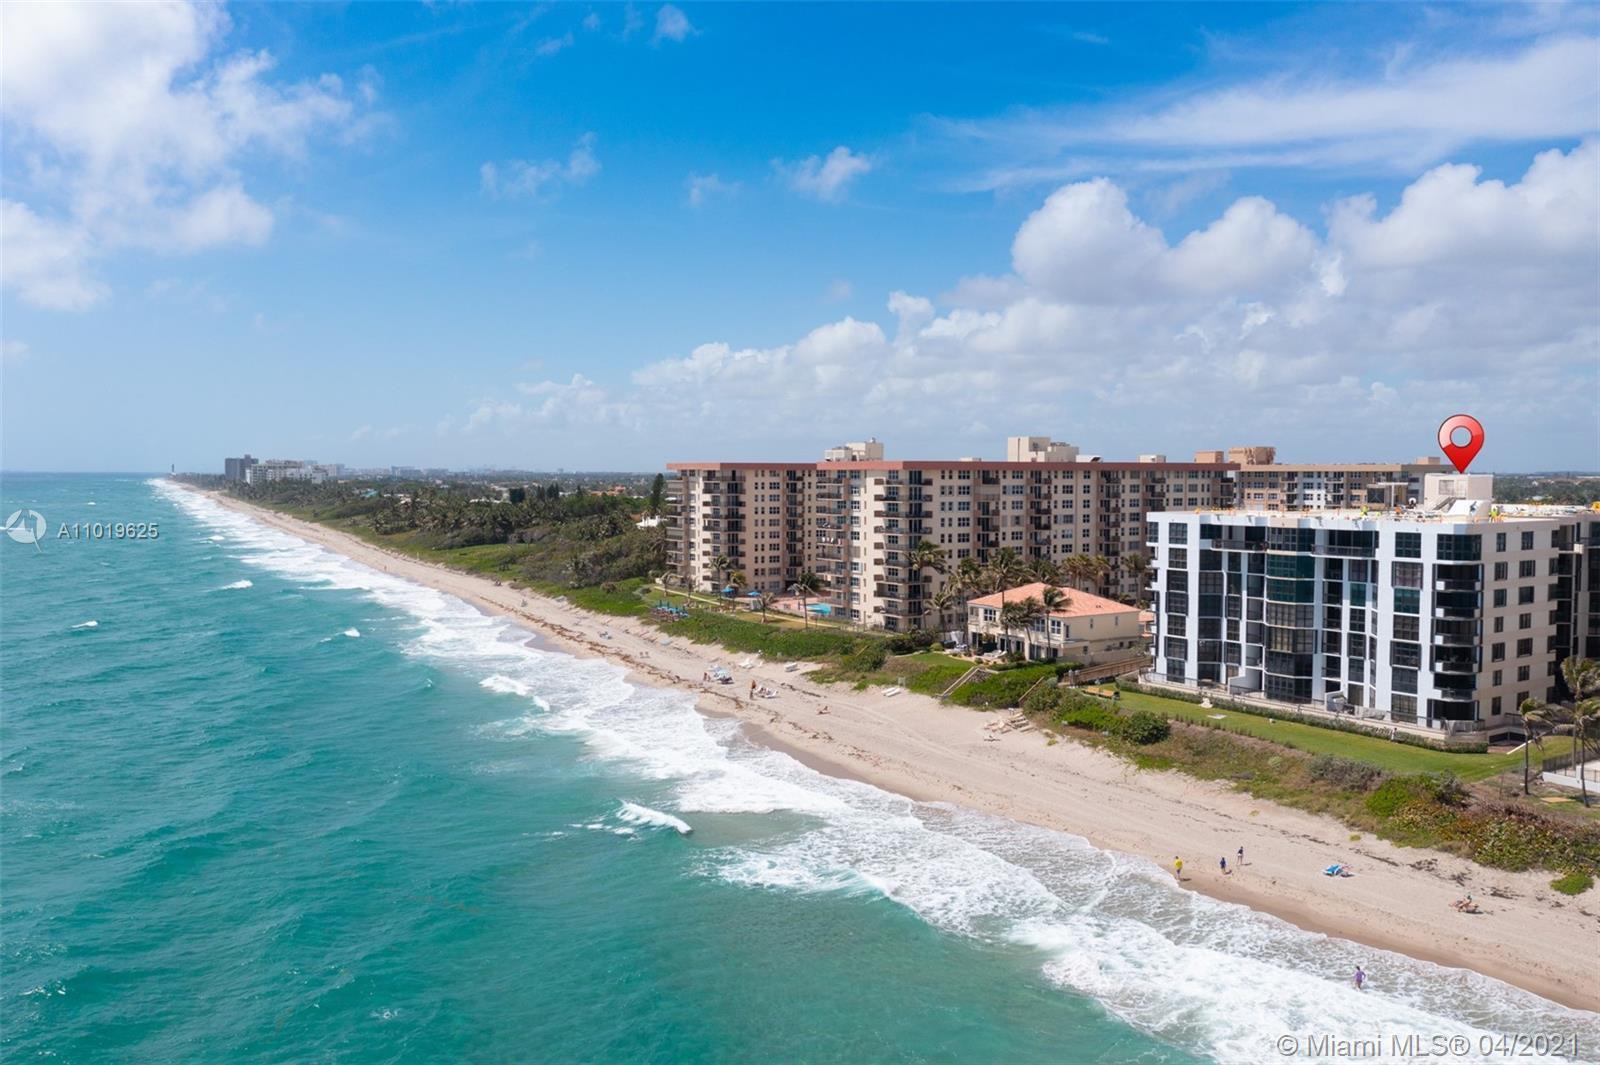 Ocean Front Penthouse 3 Bedroom split Plan Beauty. Oversized NORTHERN exposure with Gigantic open Ba